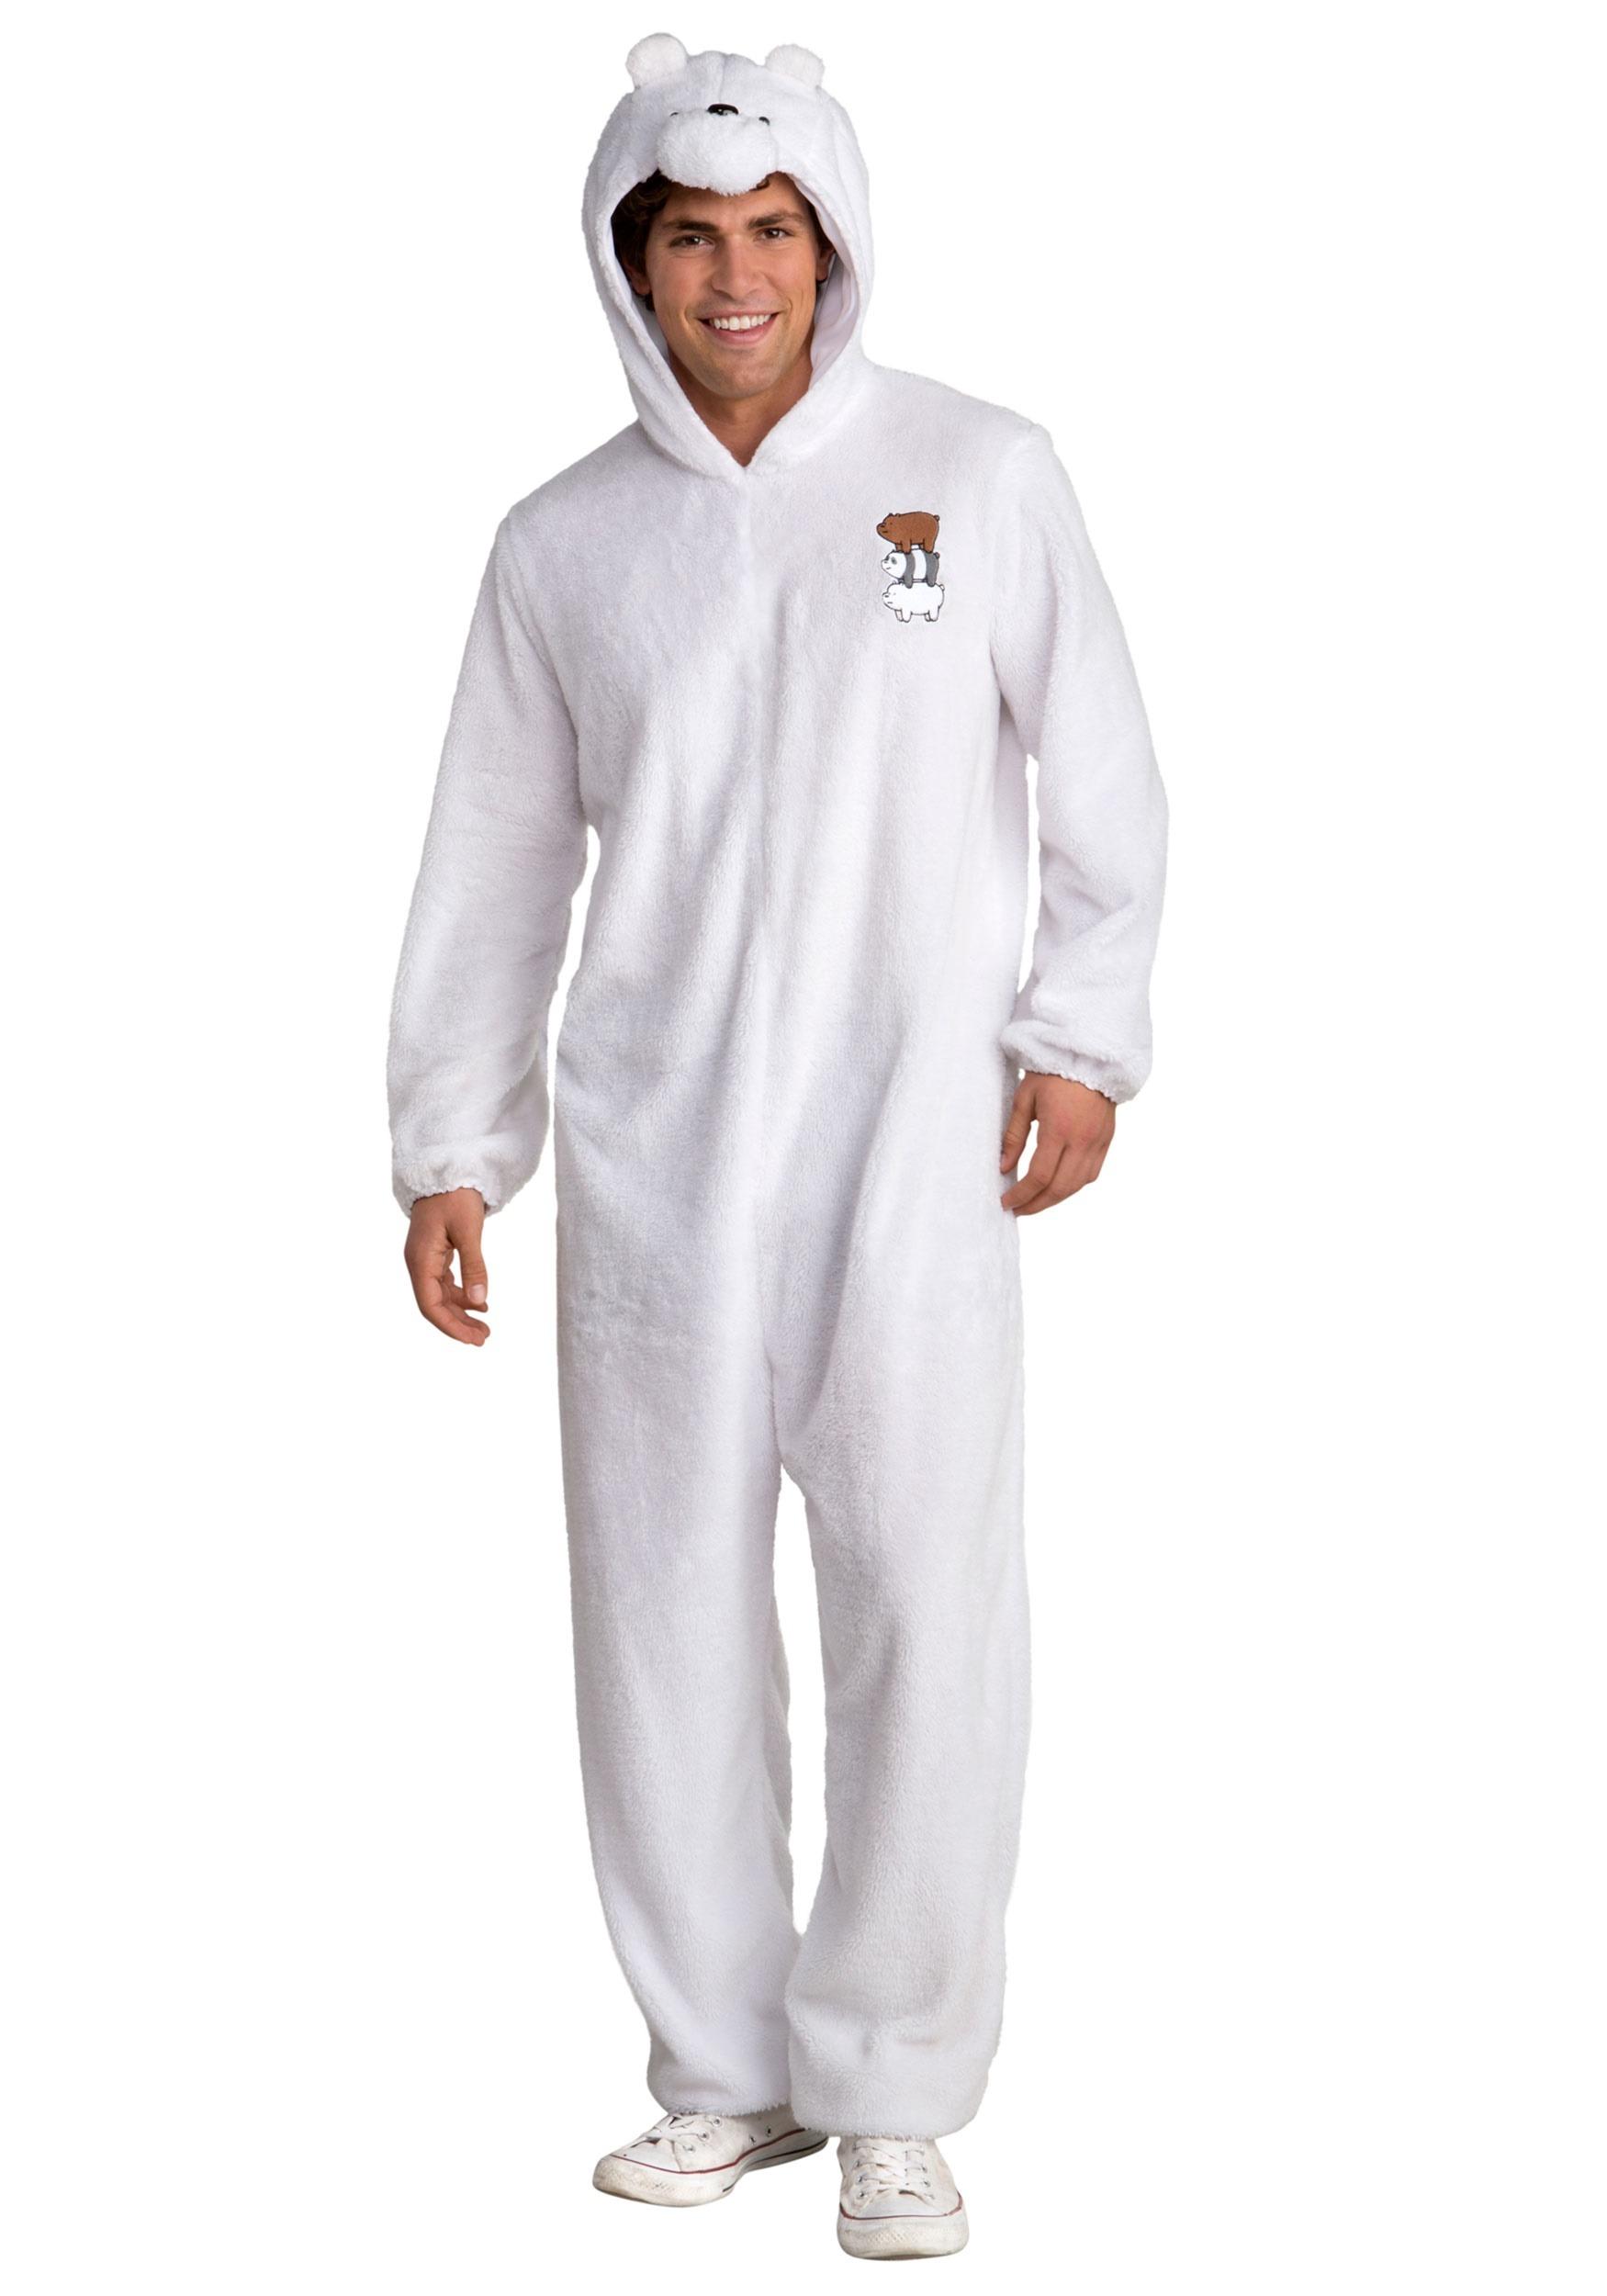 We Bare Bears Ice Bear Costume for Men